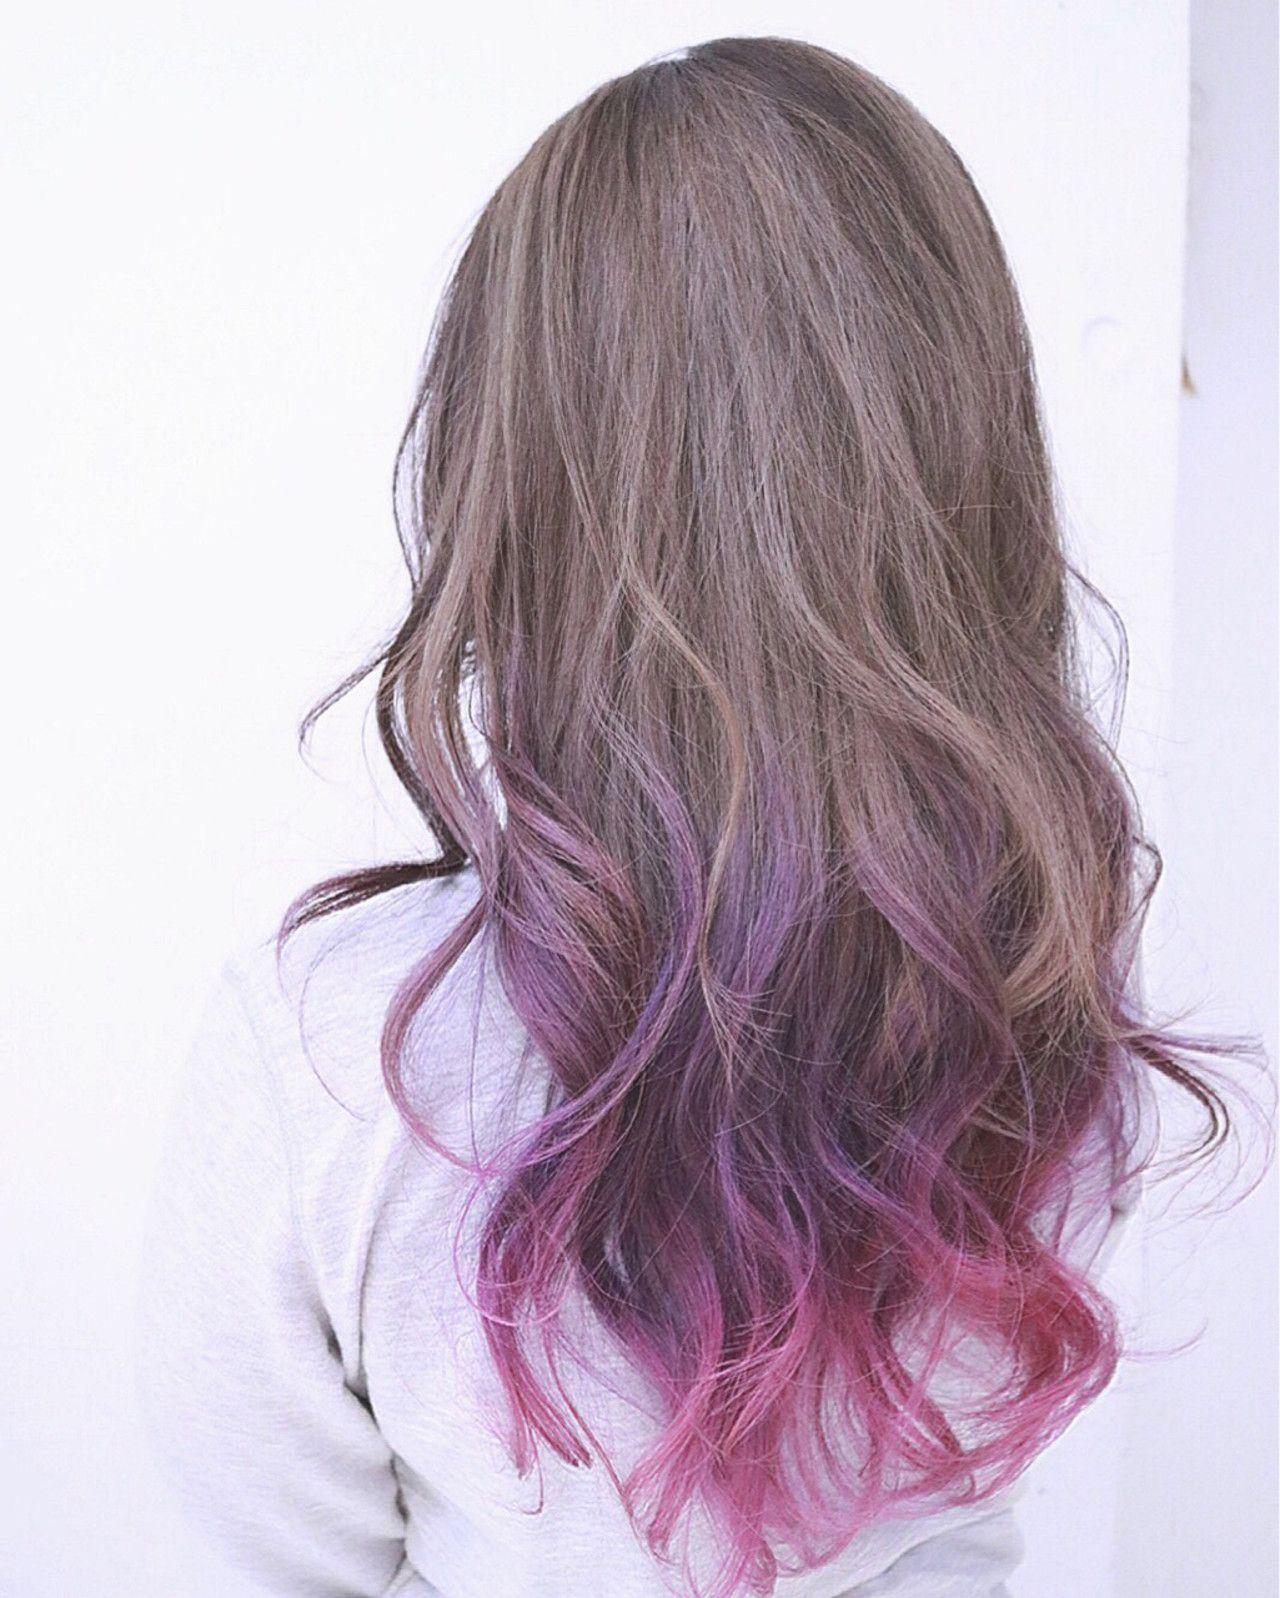 クリアベージュの毛先をパープルからピンクのグラデーションにした